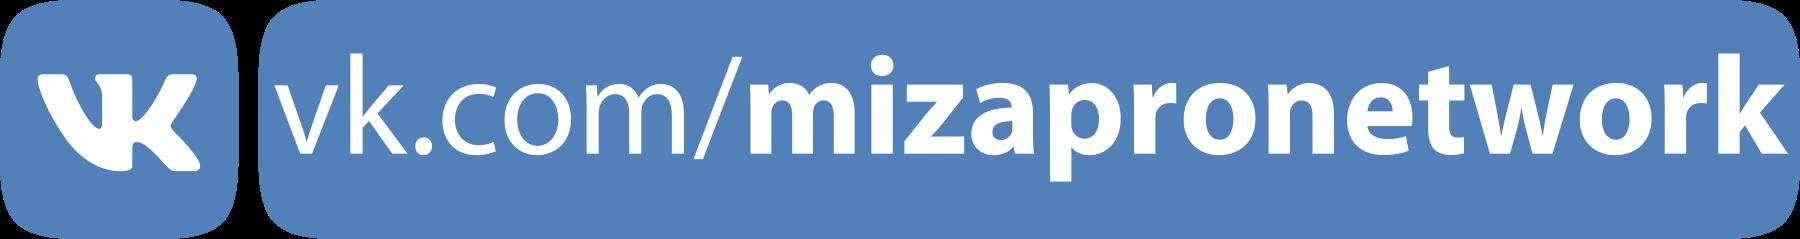 MizaproNetwork в vk.com